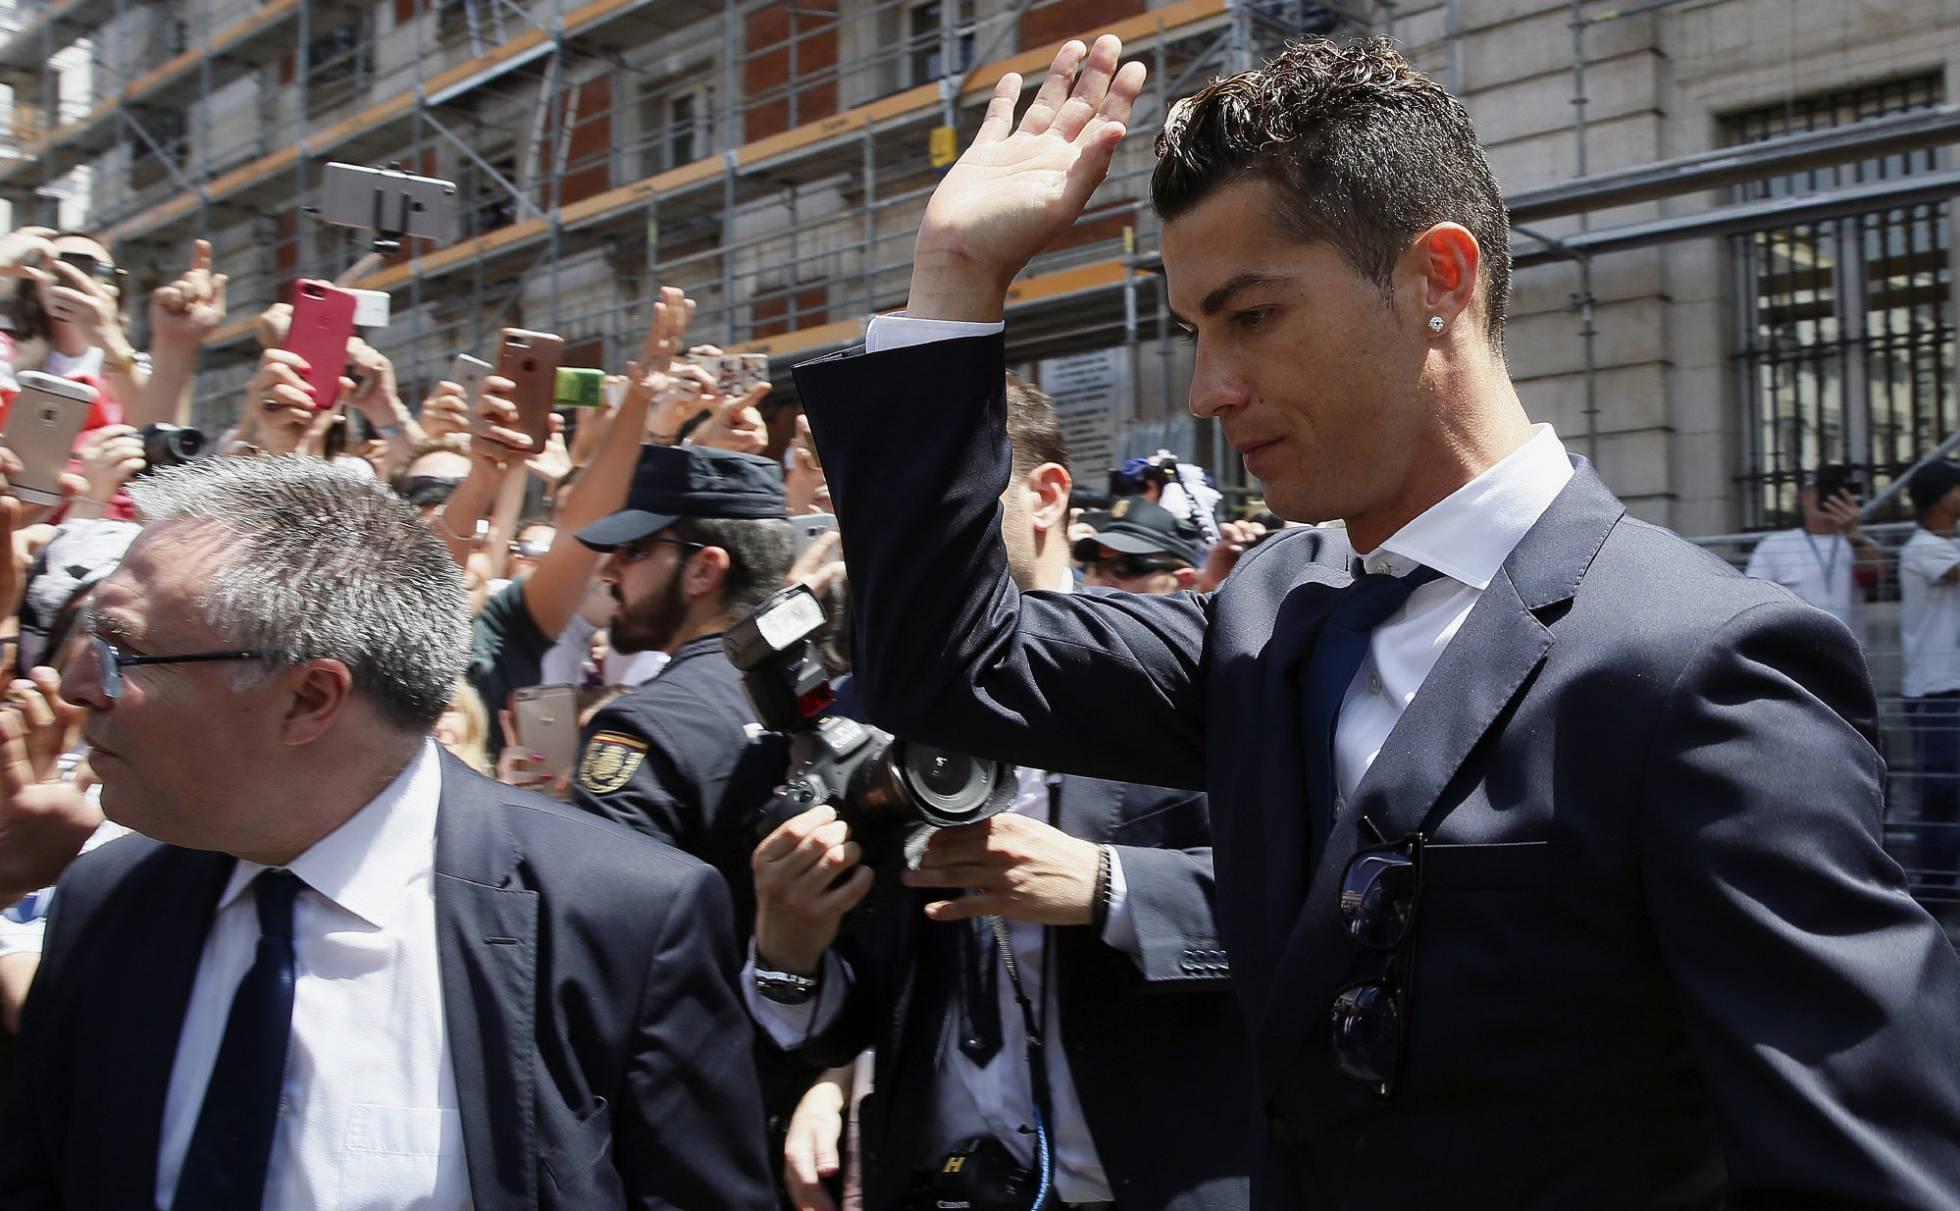 El delantero portugués Cristiano Ronaldo será condenado el martes en España por delito fiscal. (Foto Prensa Libre: EFE)